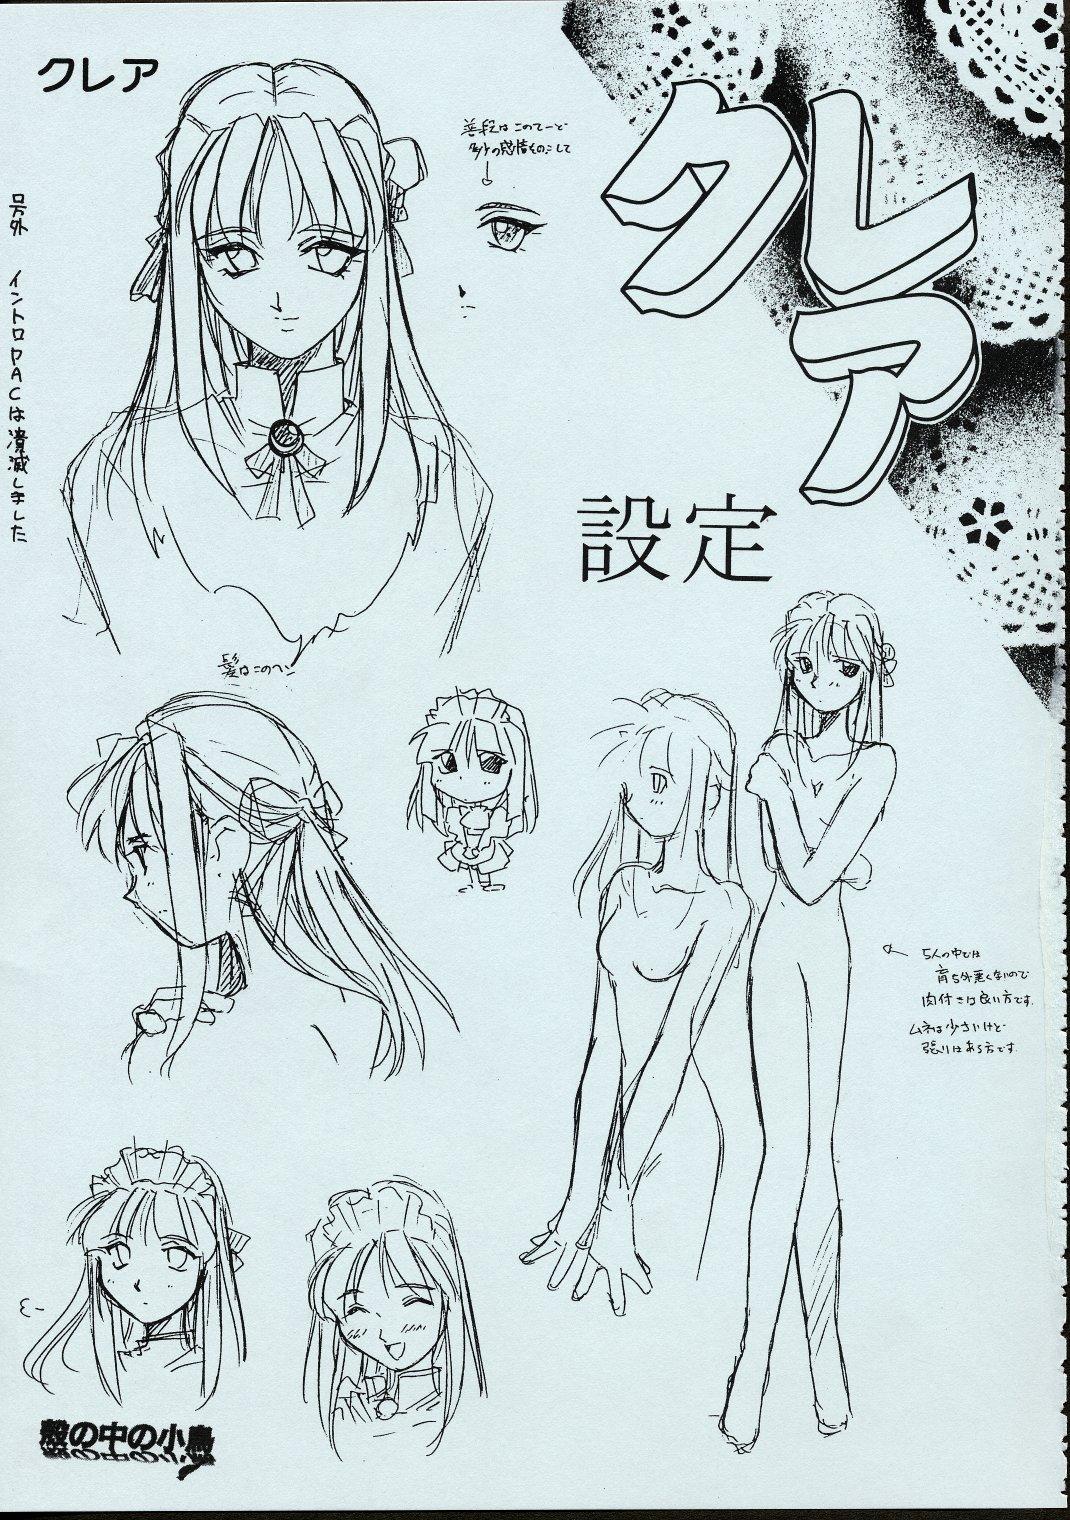 Maid-san kihonkei 21